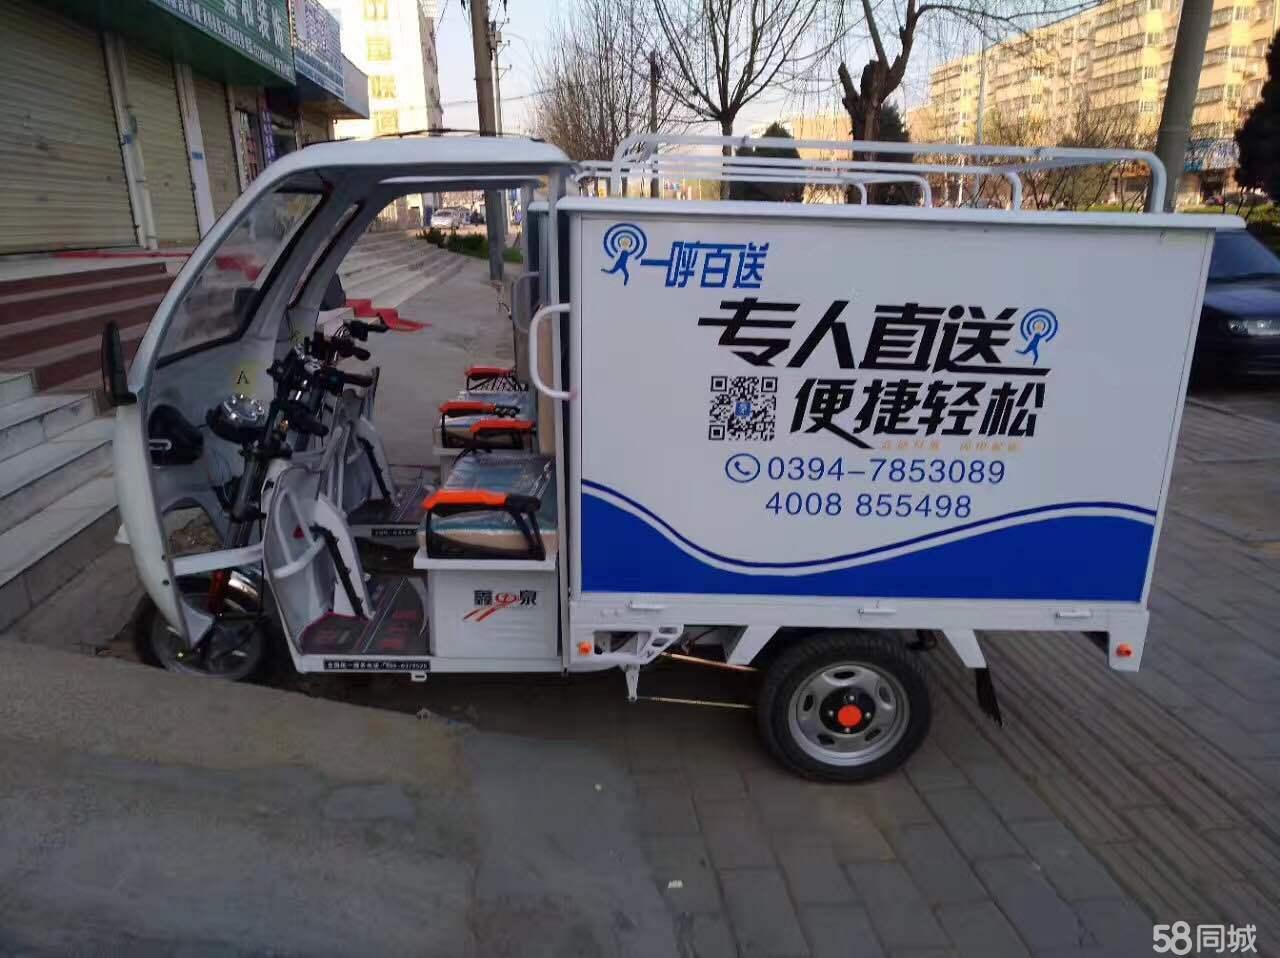 正规同城运输公司,携手运通、苏宁、解决您全部烦恼。